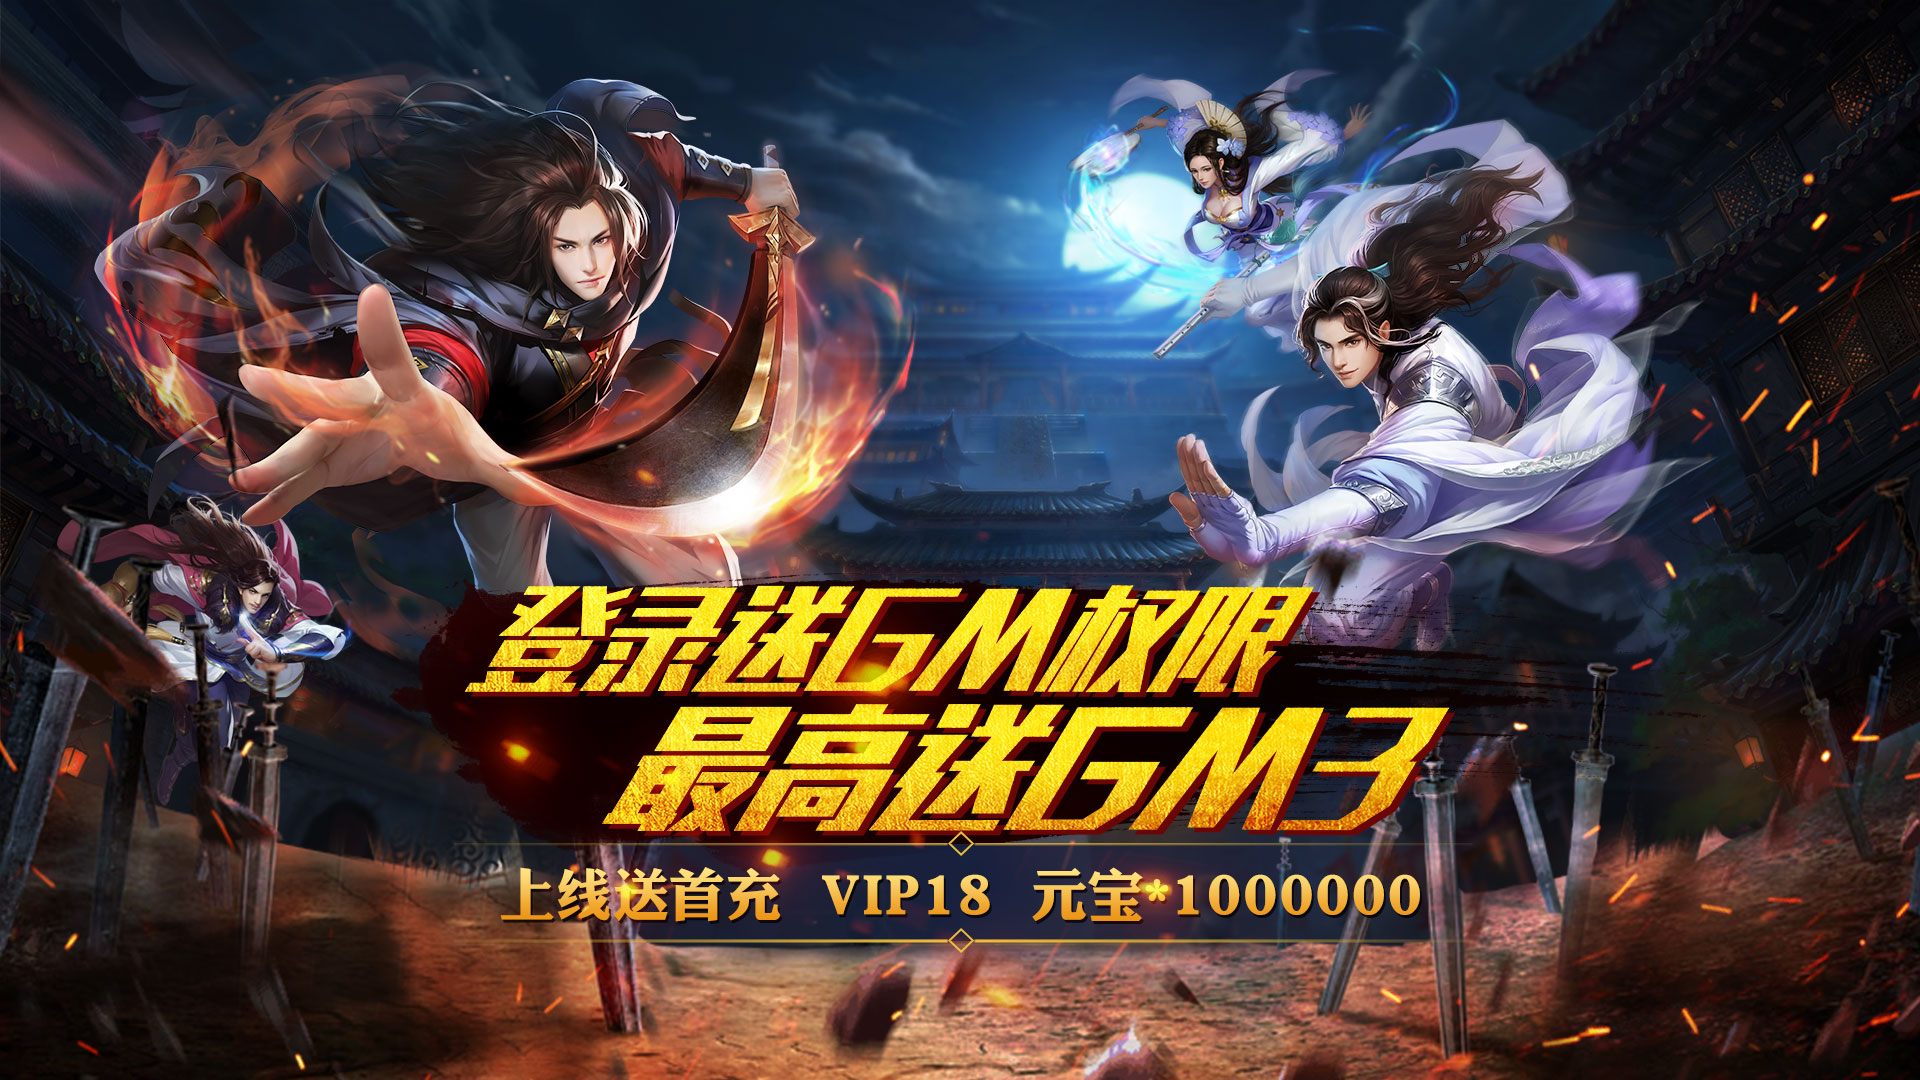 《江湖令(送GM3特权)》变态版:上线送满V(VIP18)、元宝*1000000、铜币*1000万